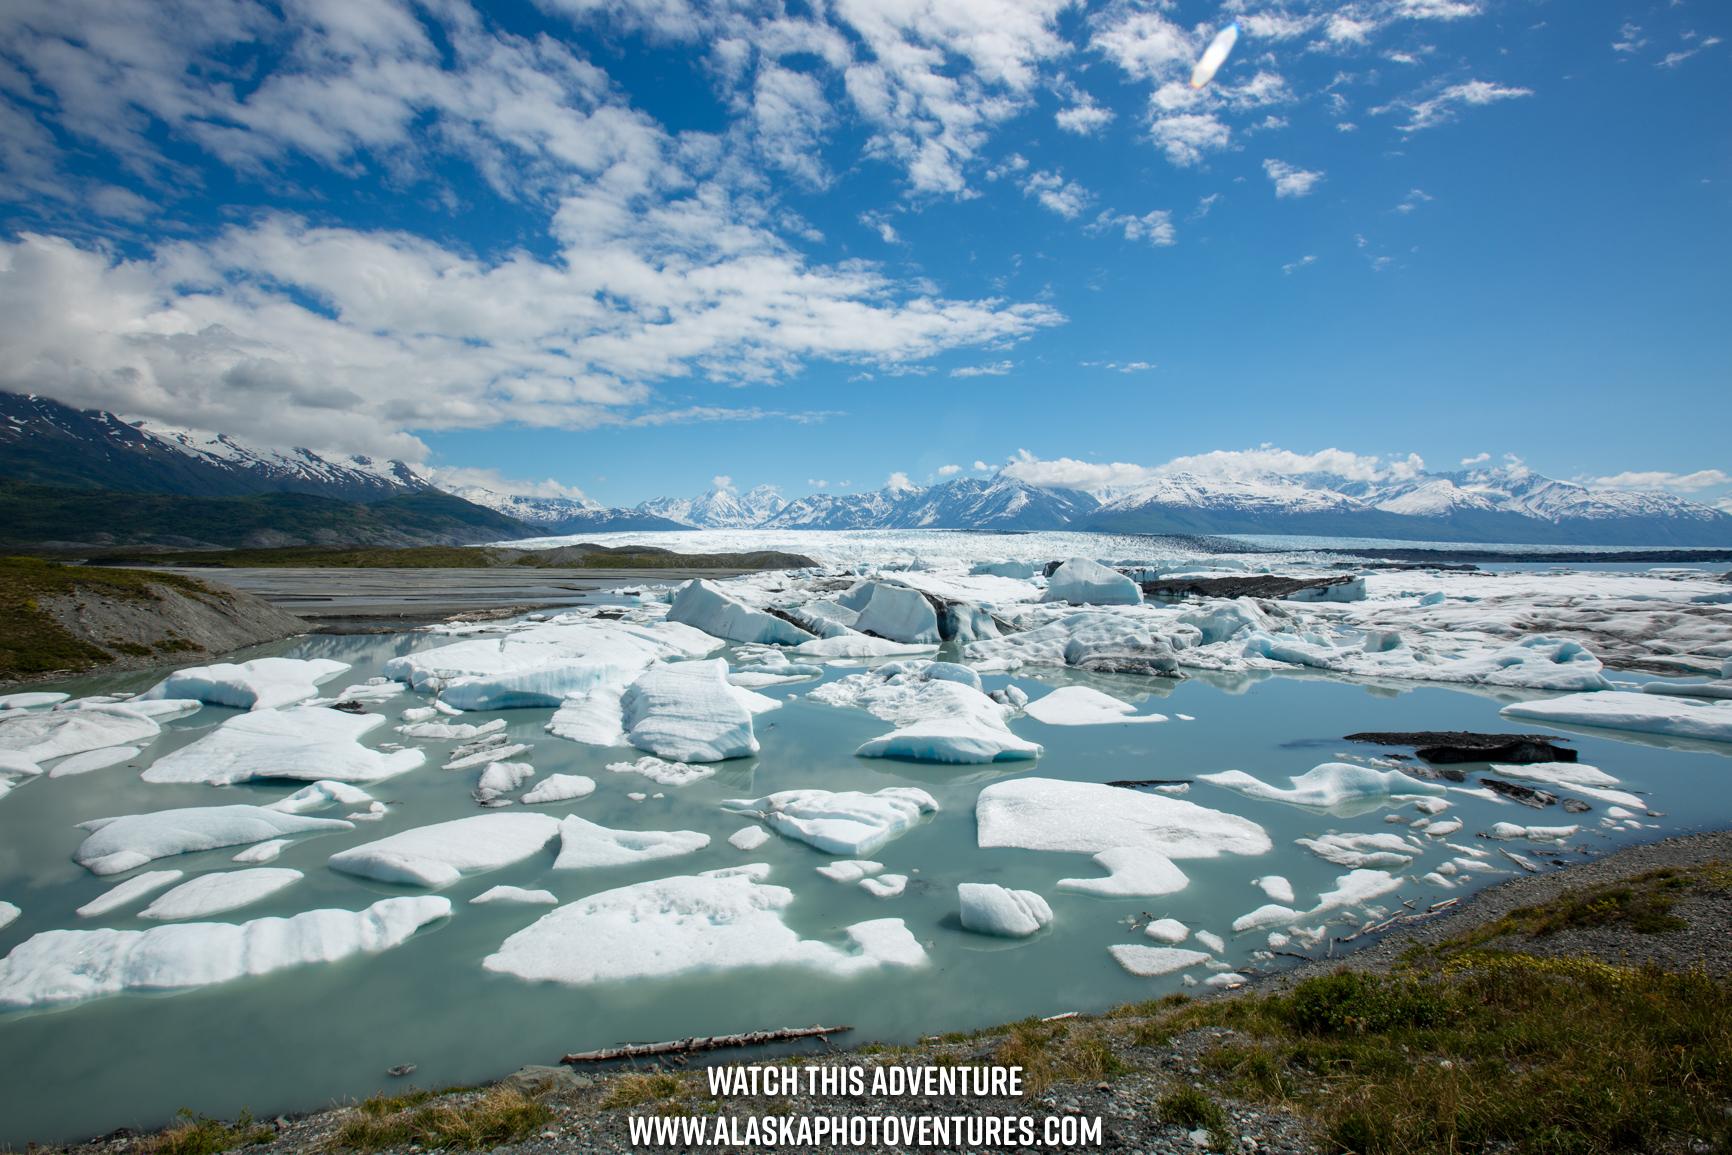 Knik Glacier Alaska